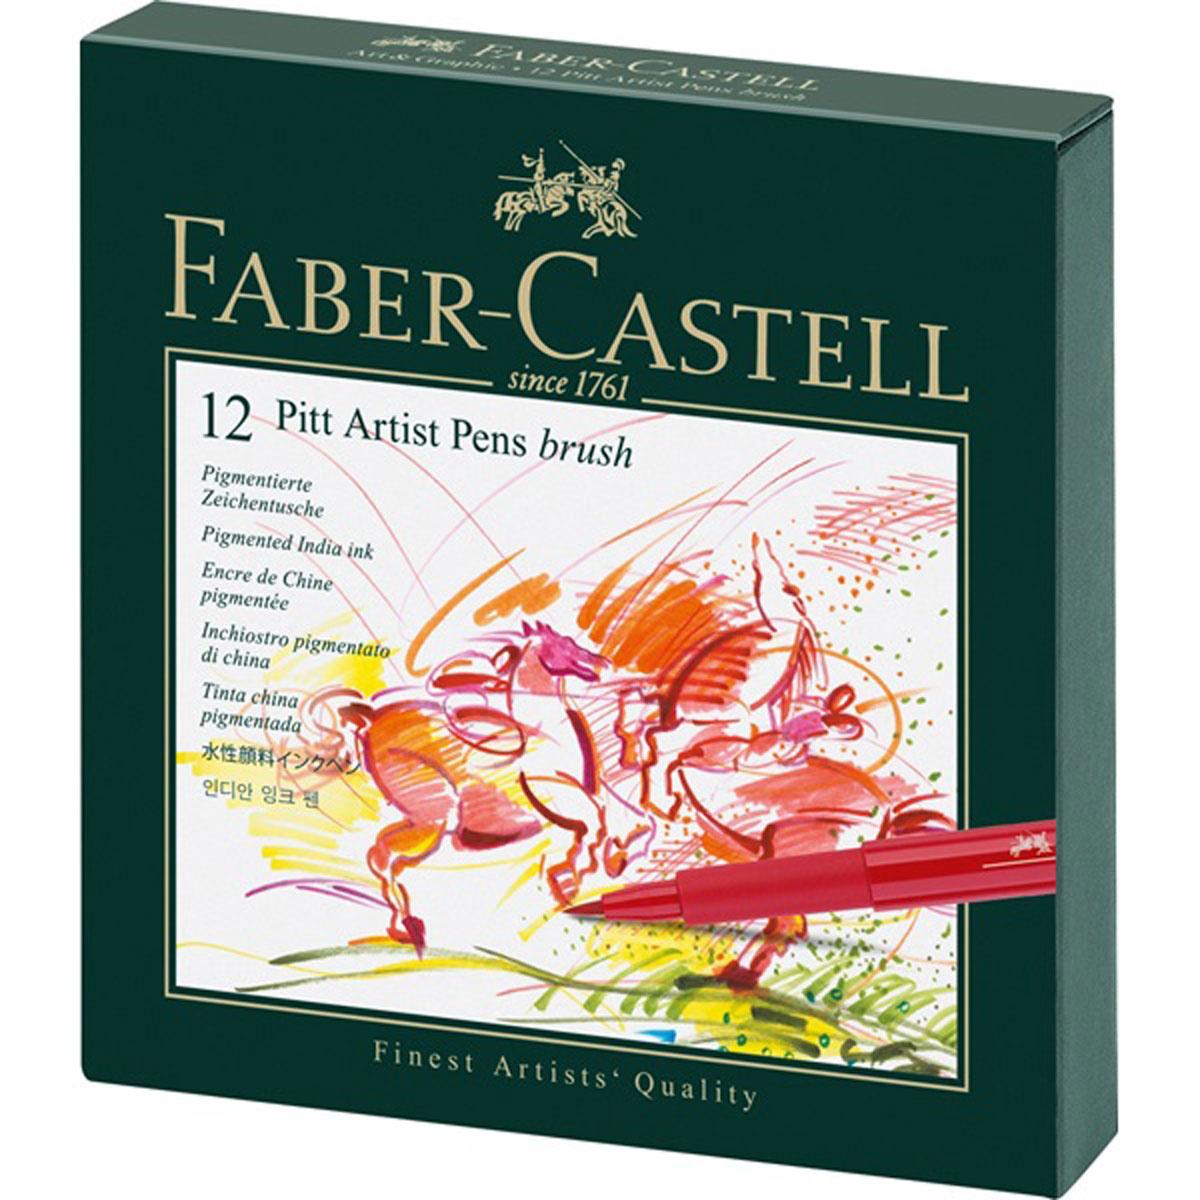 Набор капиллярных ручек Faber-Castell Pitt Artist Pen Brush ассорти, brush, 12 штук в студийной коробке #1